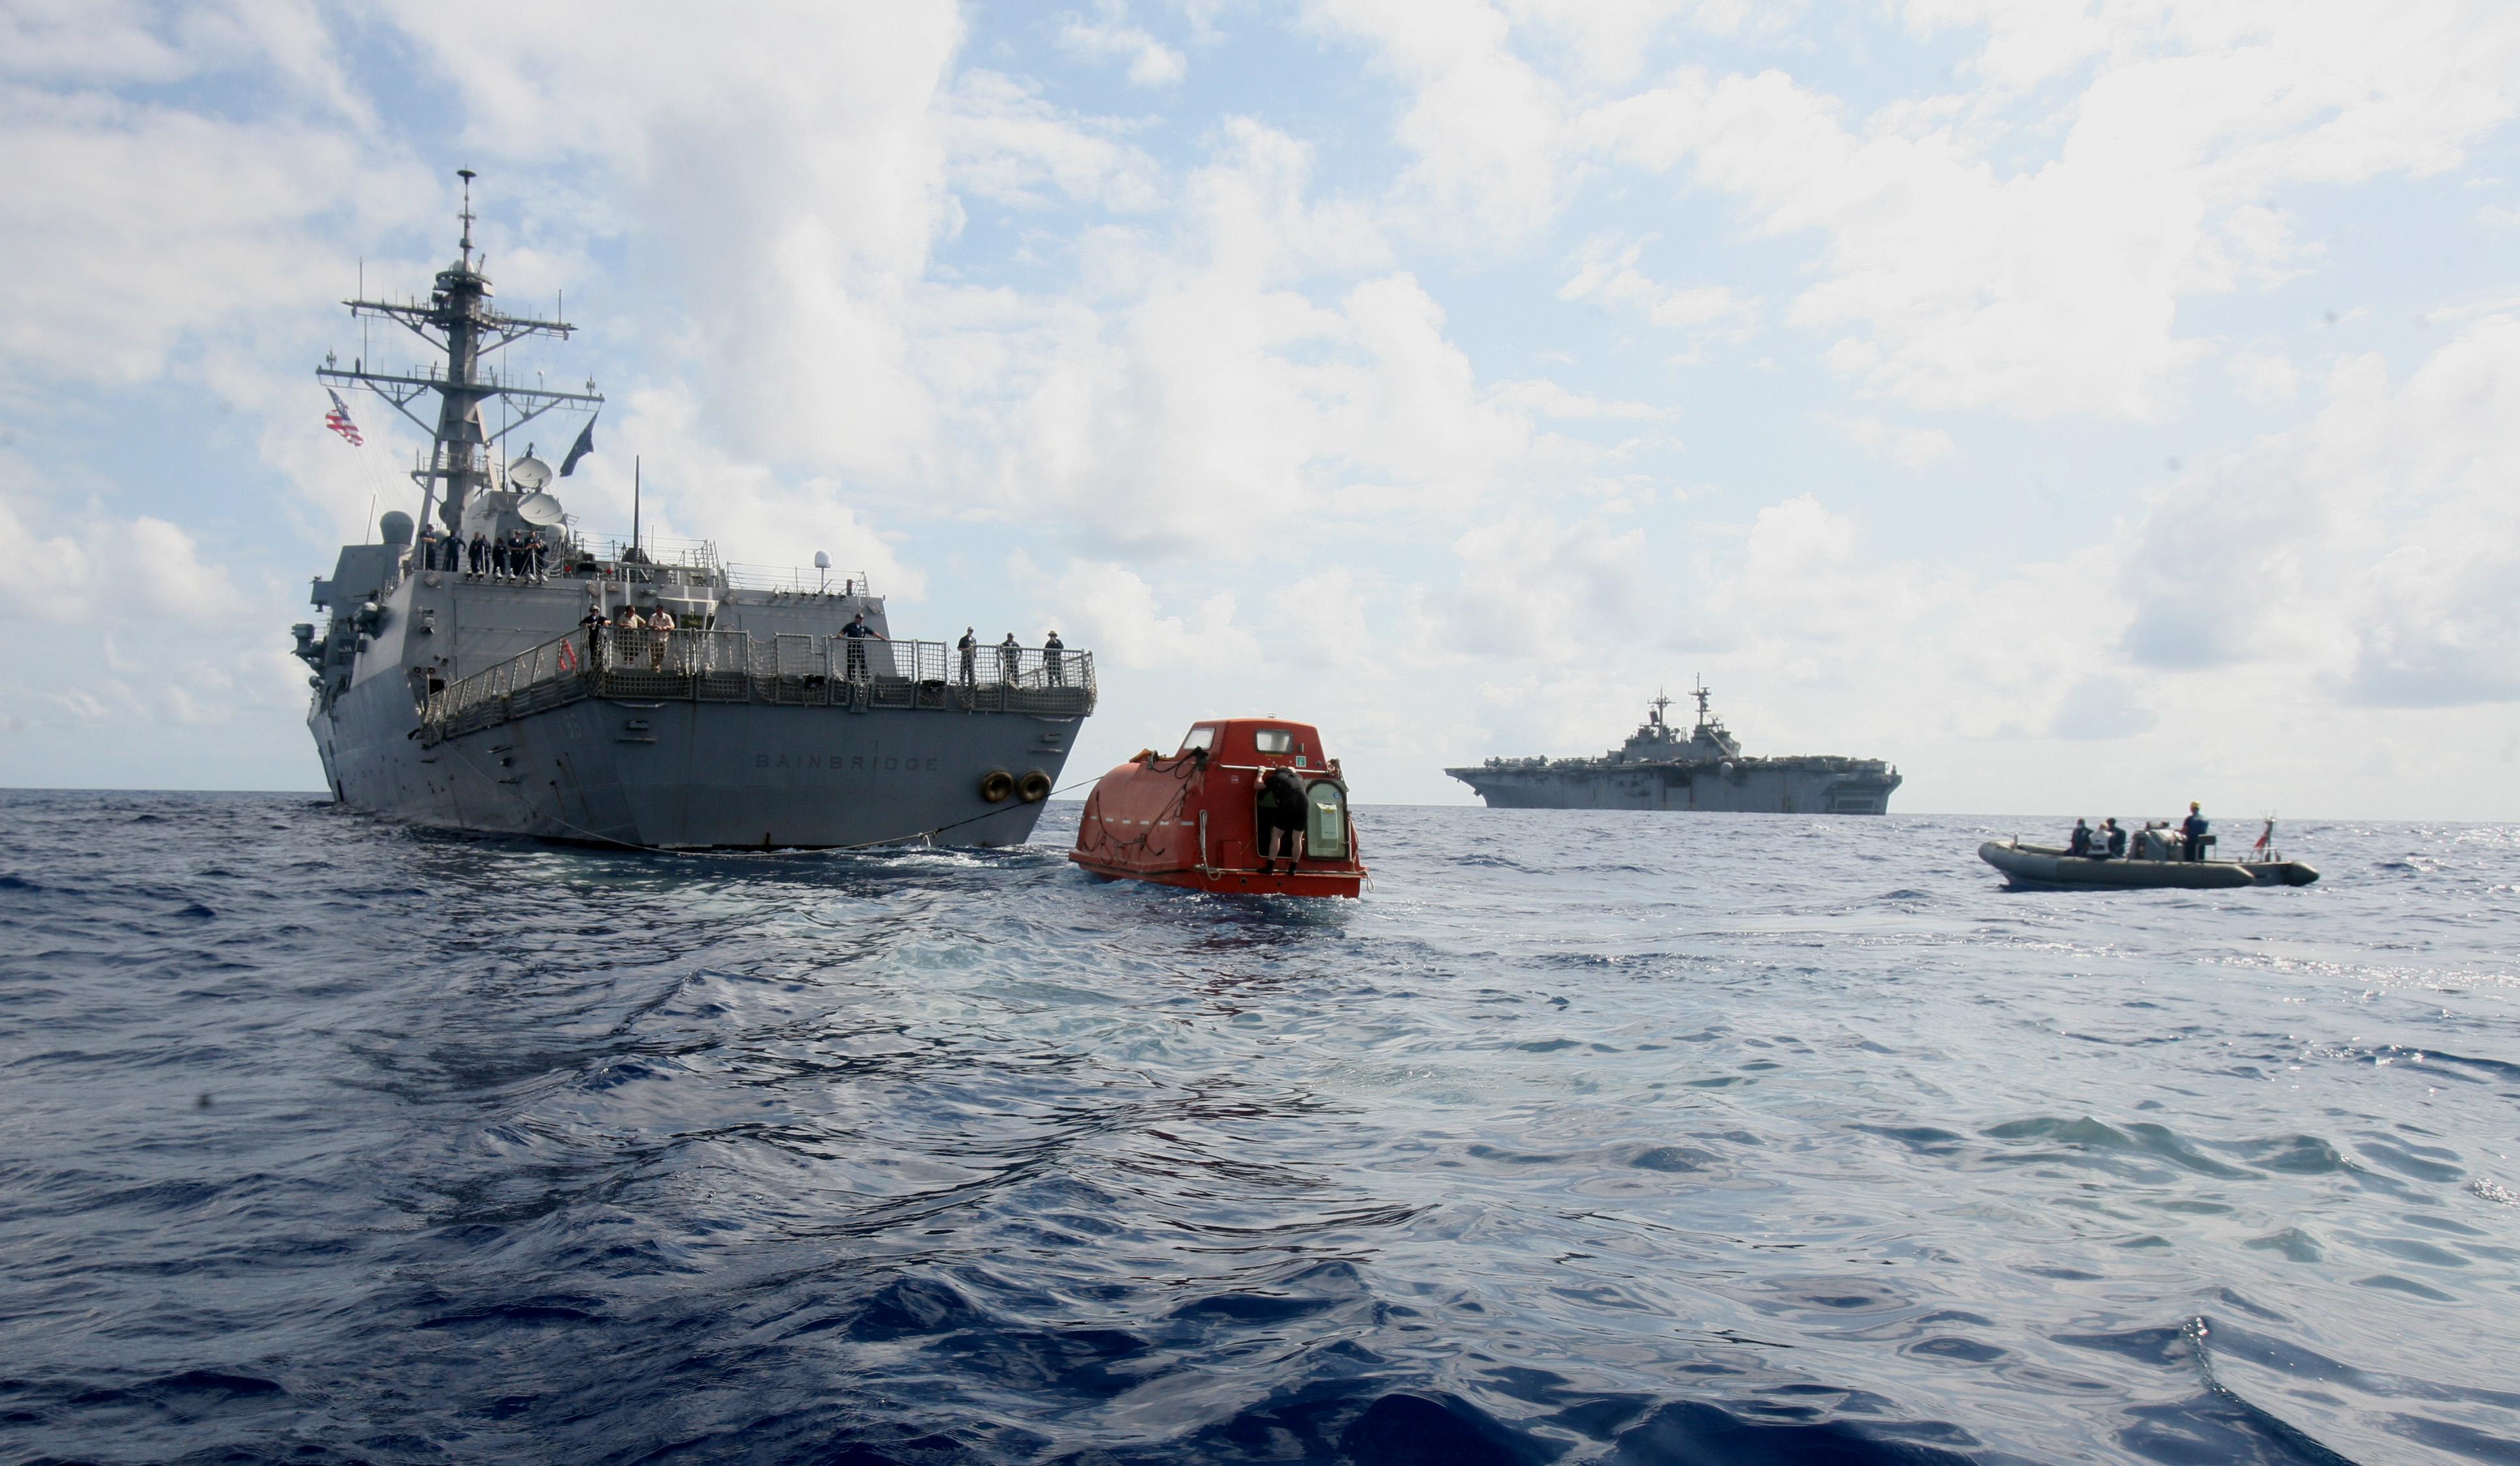 Снимка: Два военни кораба оказват съдействие на освободения от пирати екипаж на контейнеровоза /архив/